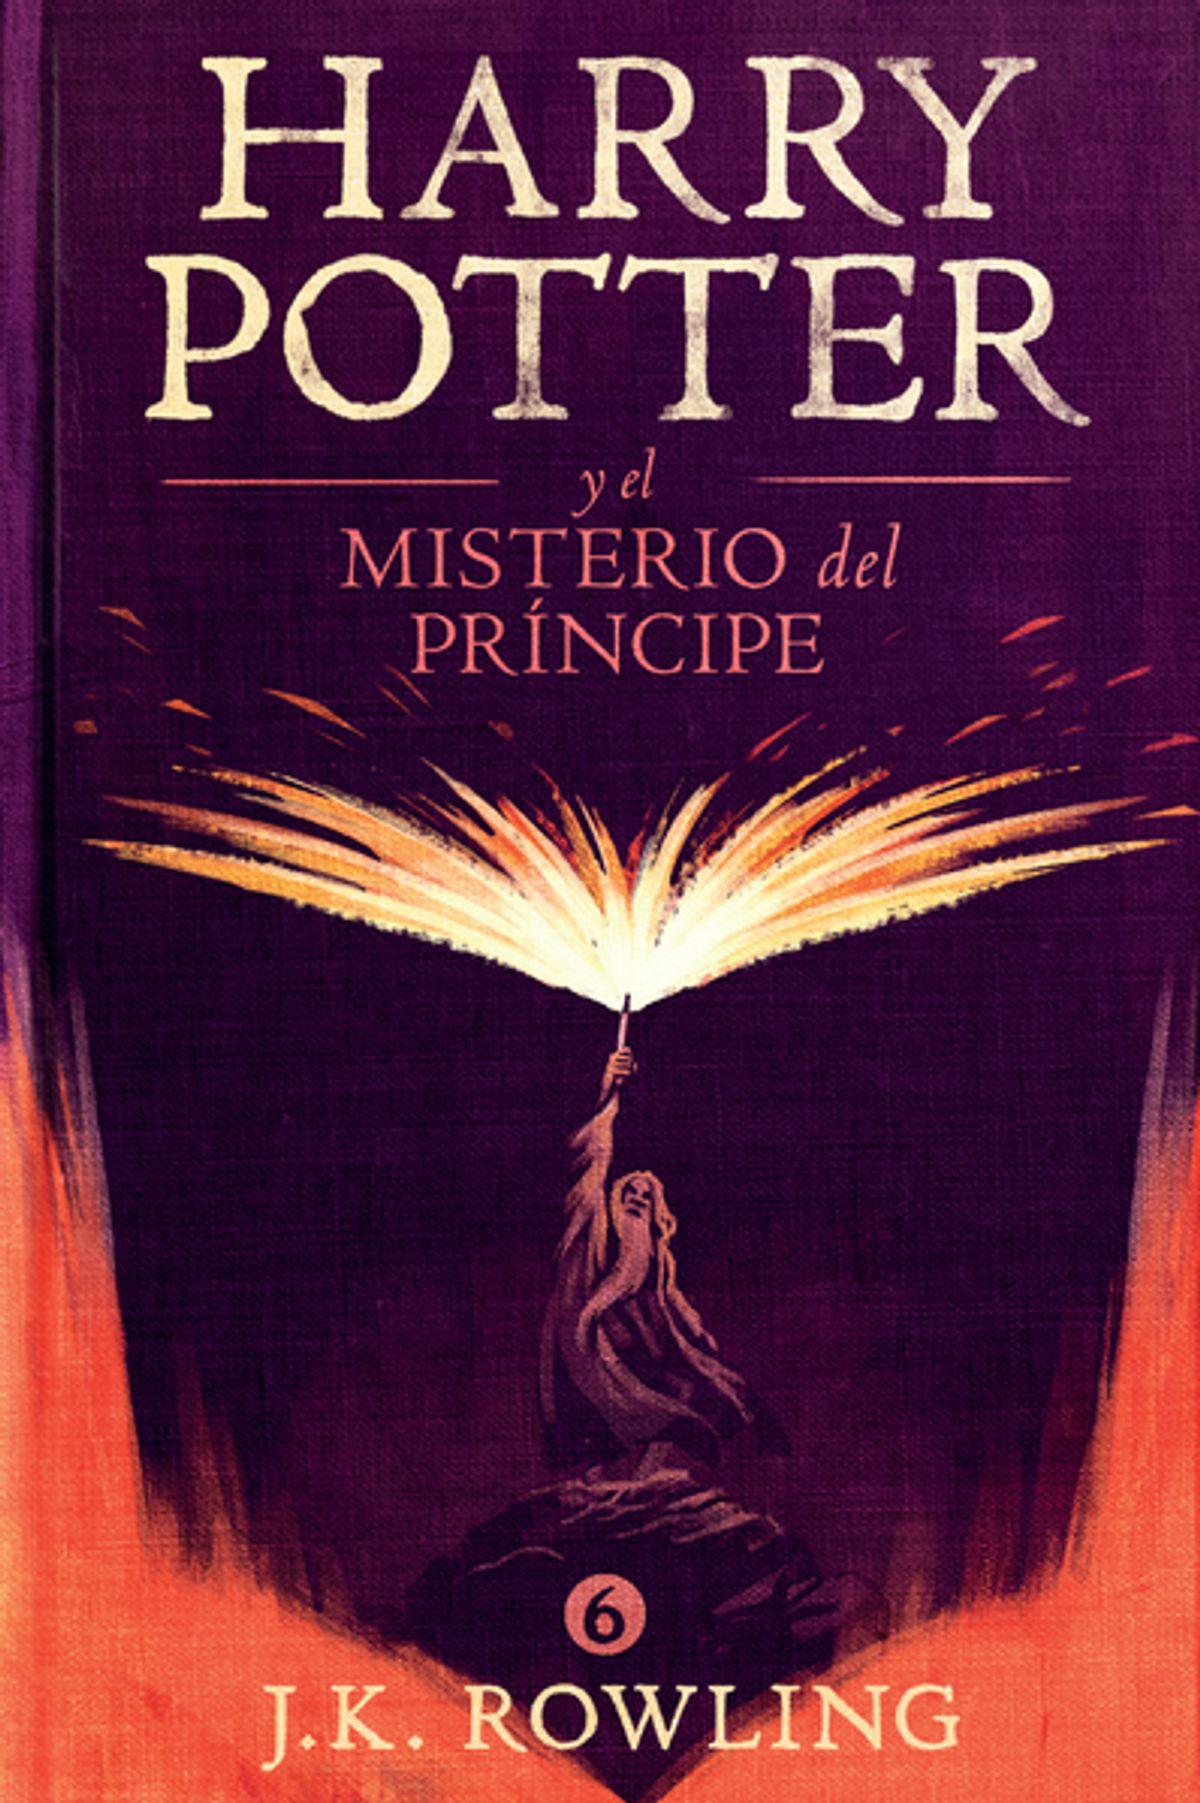 Harry Potter y el misterio del príncipe - eBook - Walmart ...